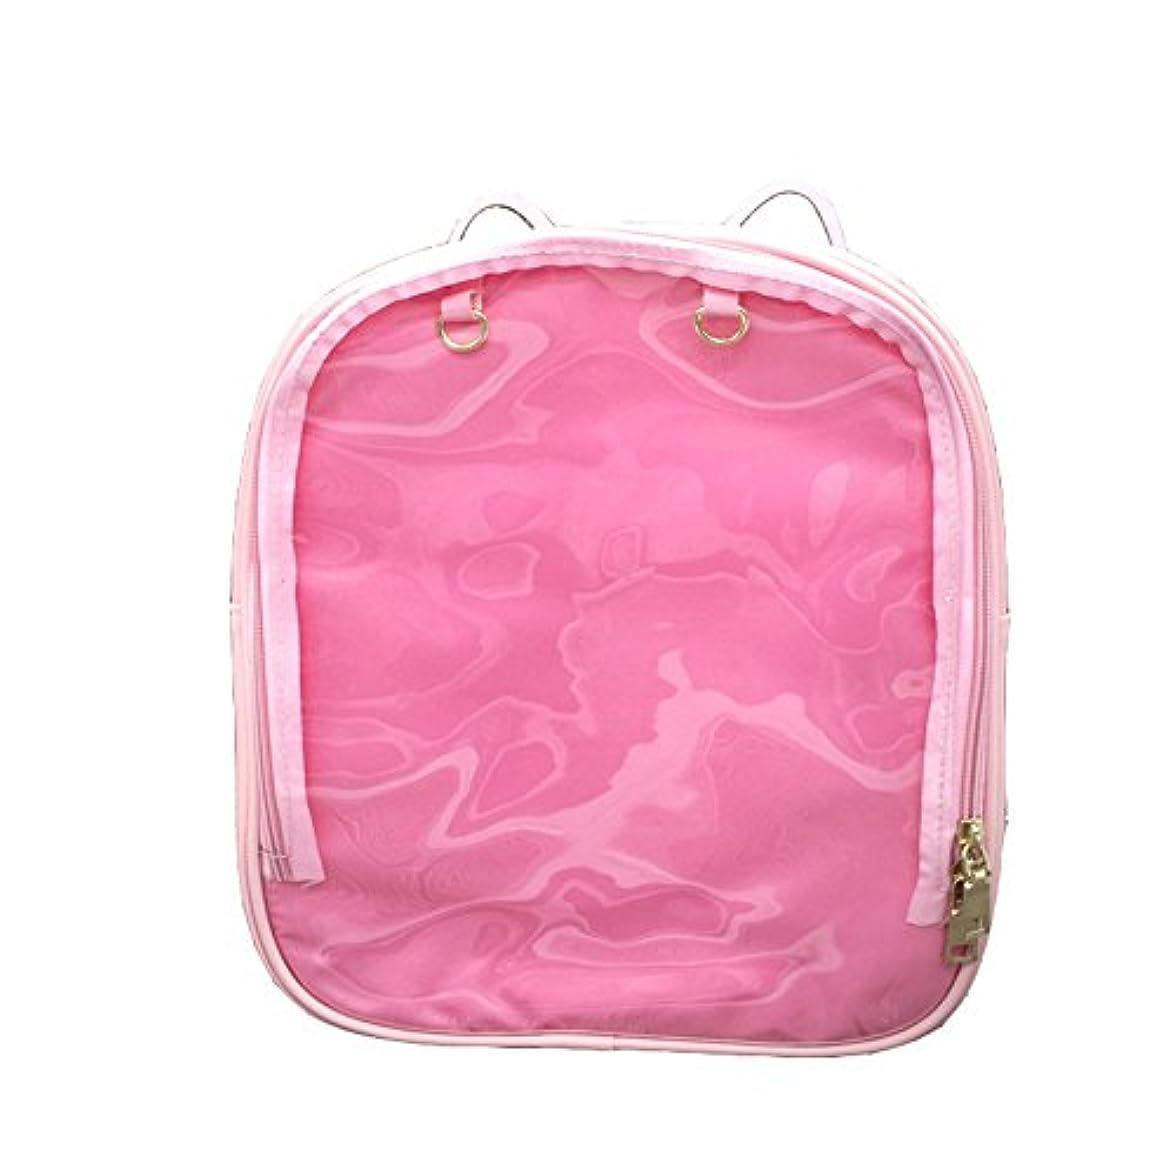 利点サイバースペース動的PANCY リュック かわいい 猫耳 痛バッグ レディース 透明 ビニール おしゃれ 通学 イベント用 5色